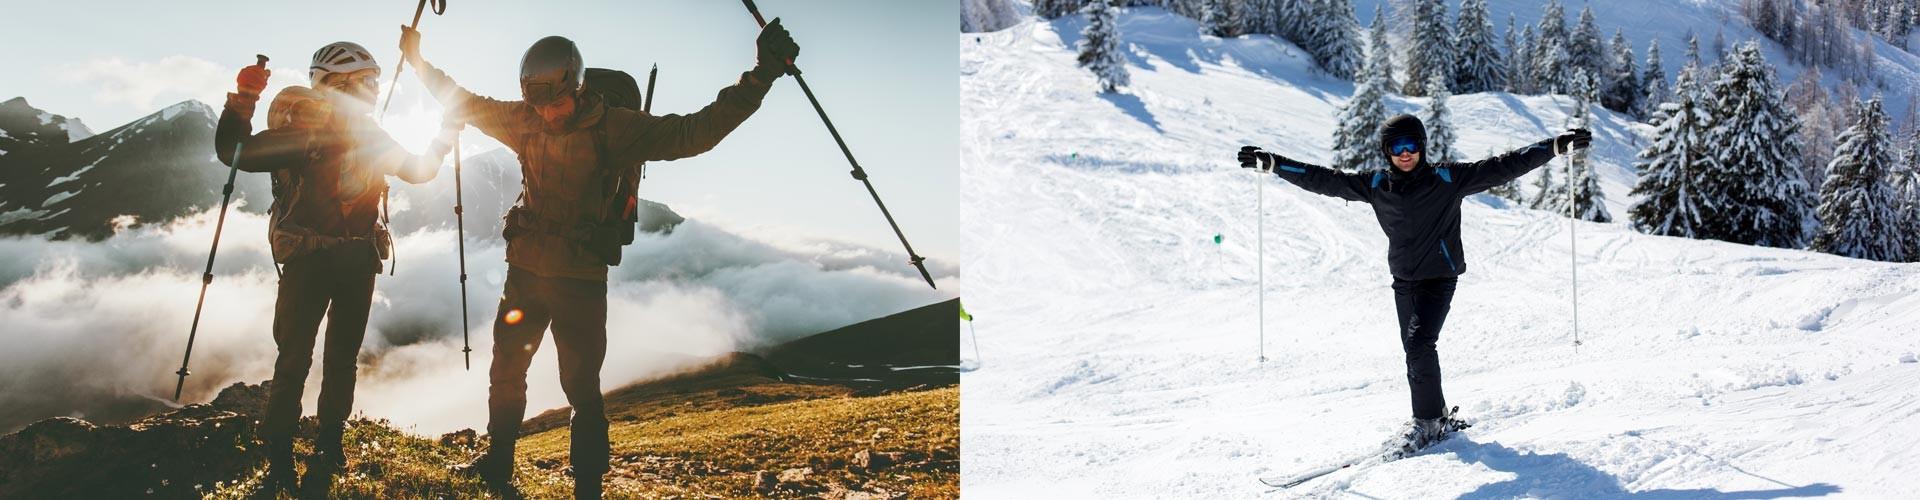 Wandern und Skifahren im Berchtesgadener Land - immer eine gute Idee